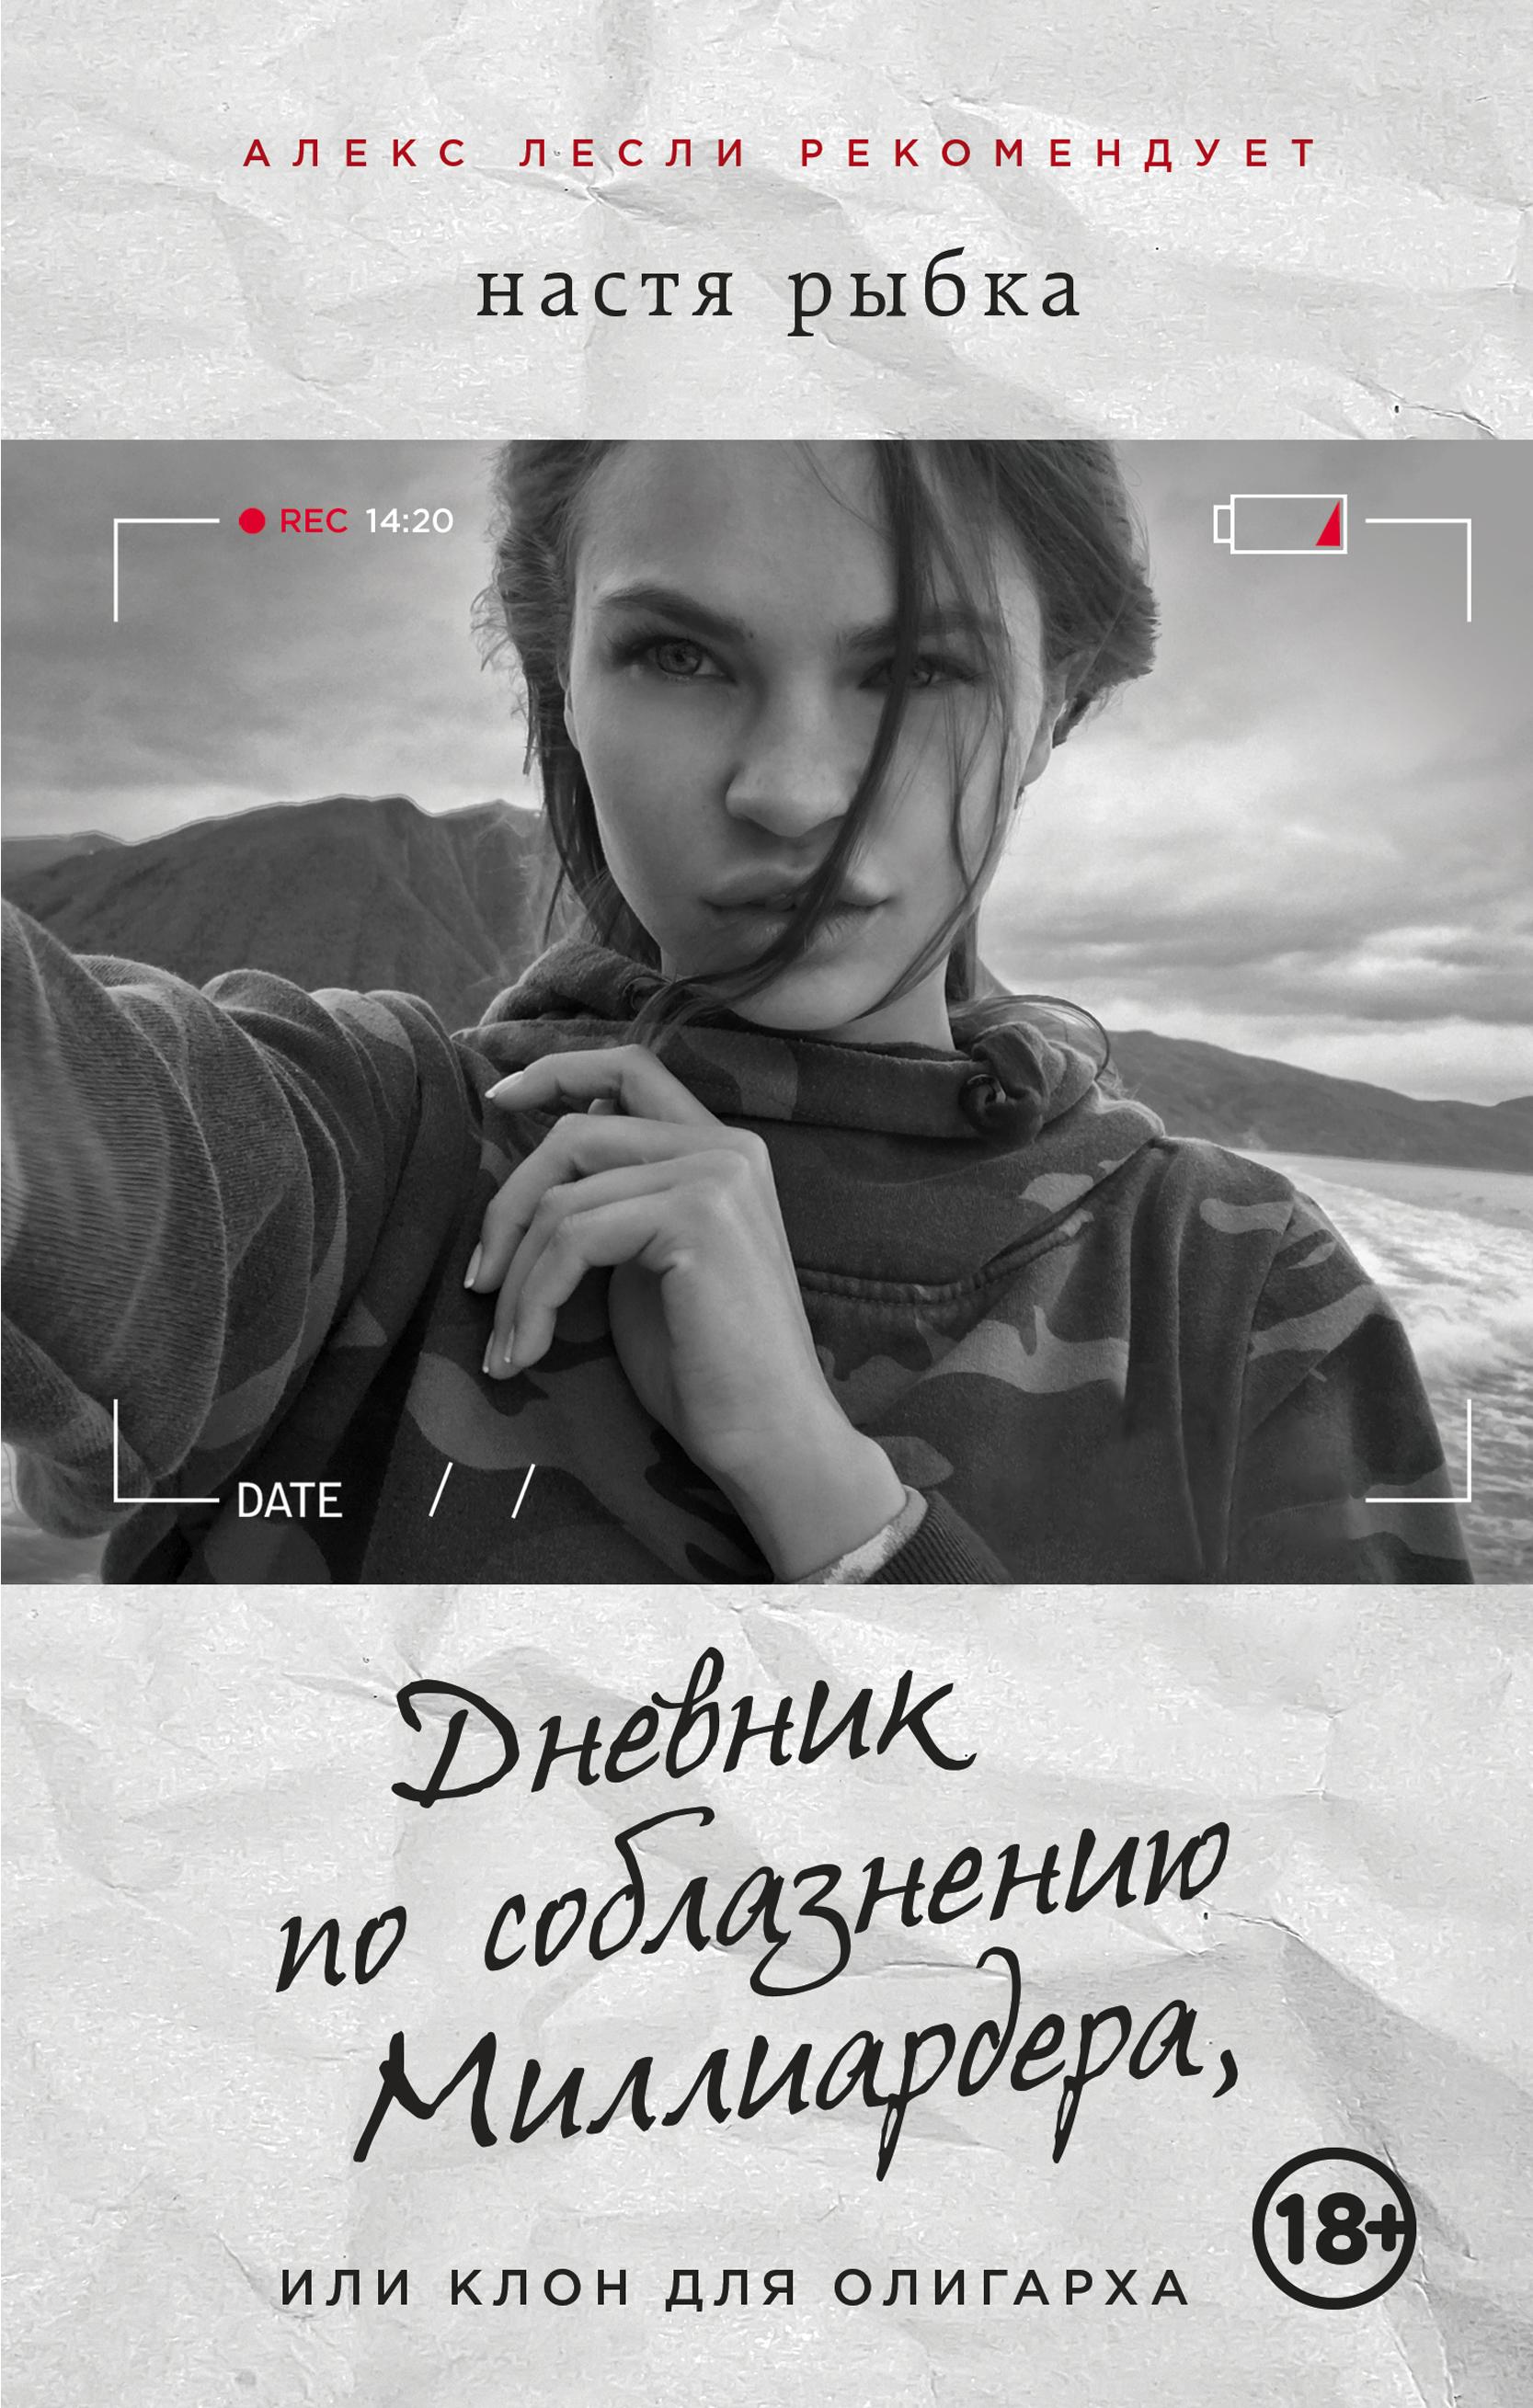 anal-izmena-hitriy-fotograf-soblaznyaet-smotret-onlayn